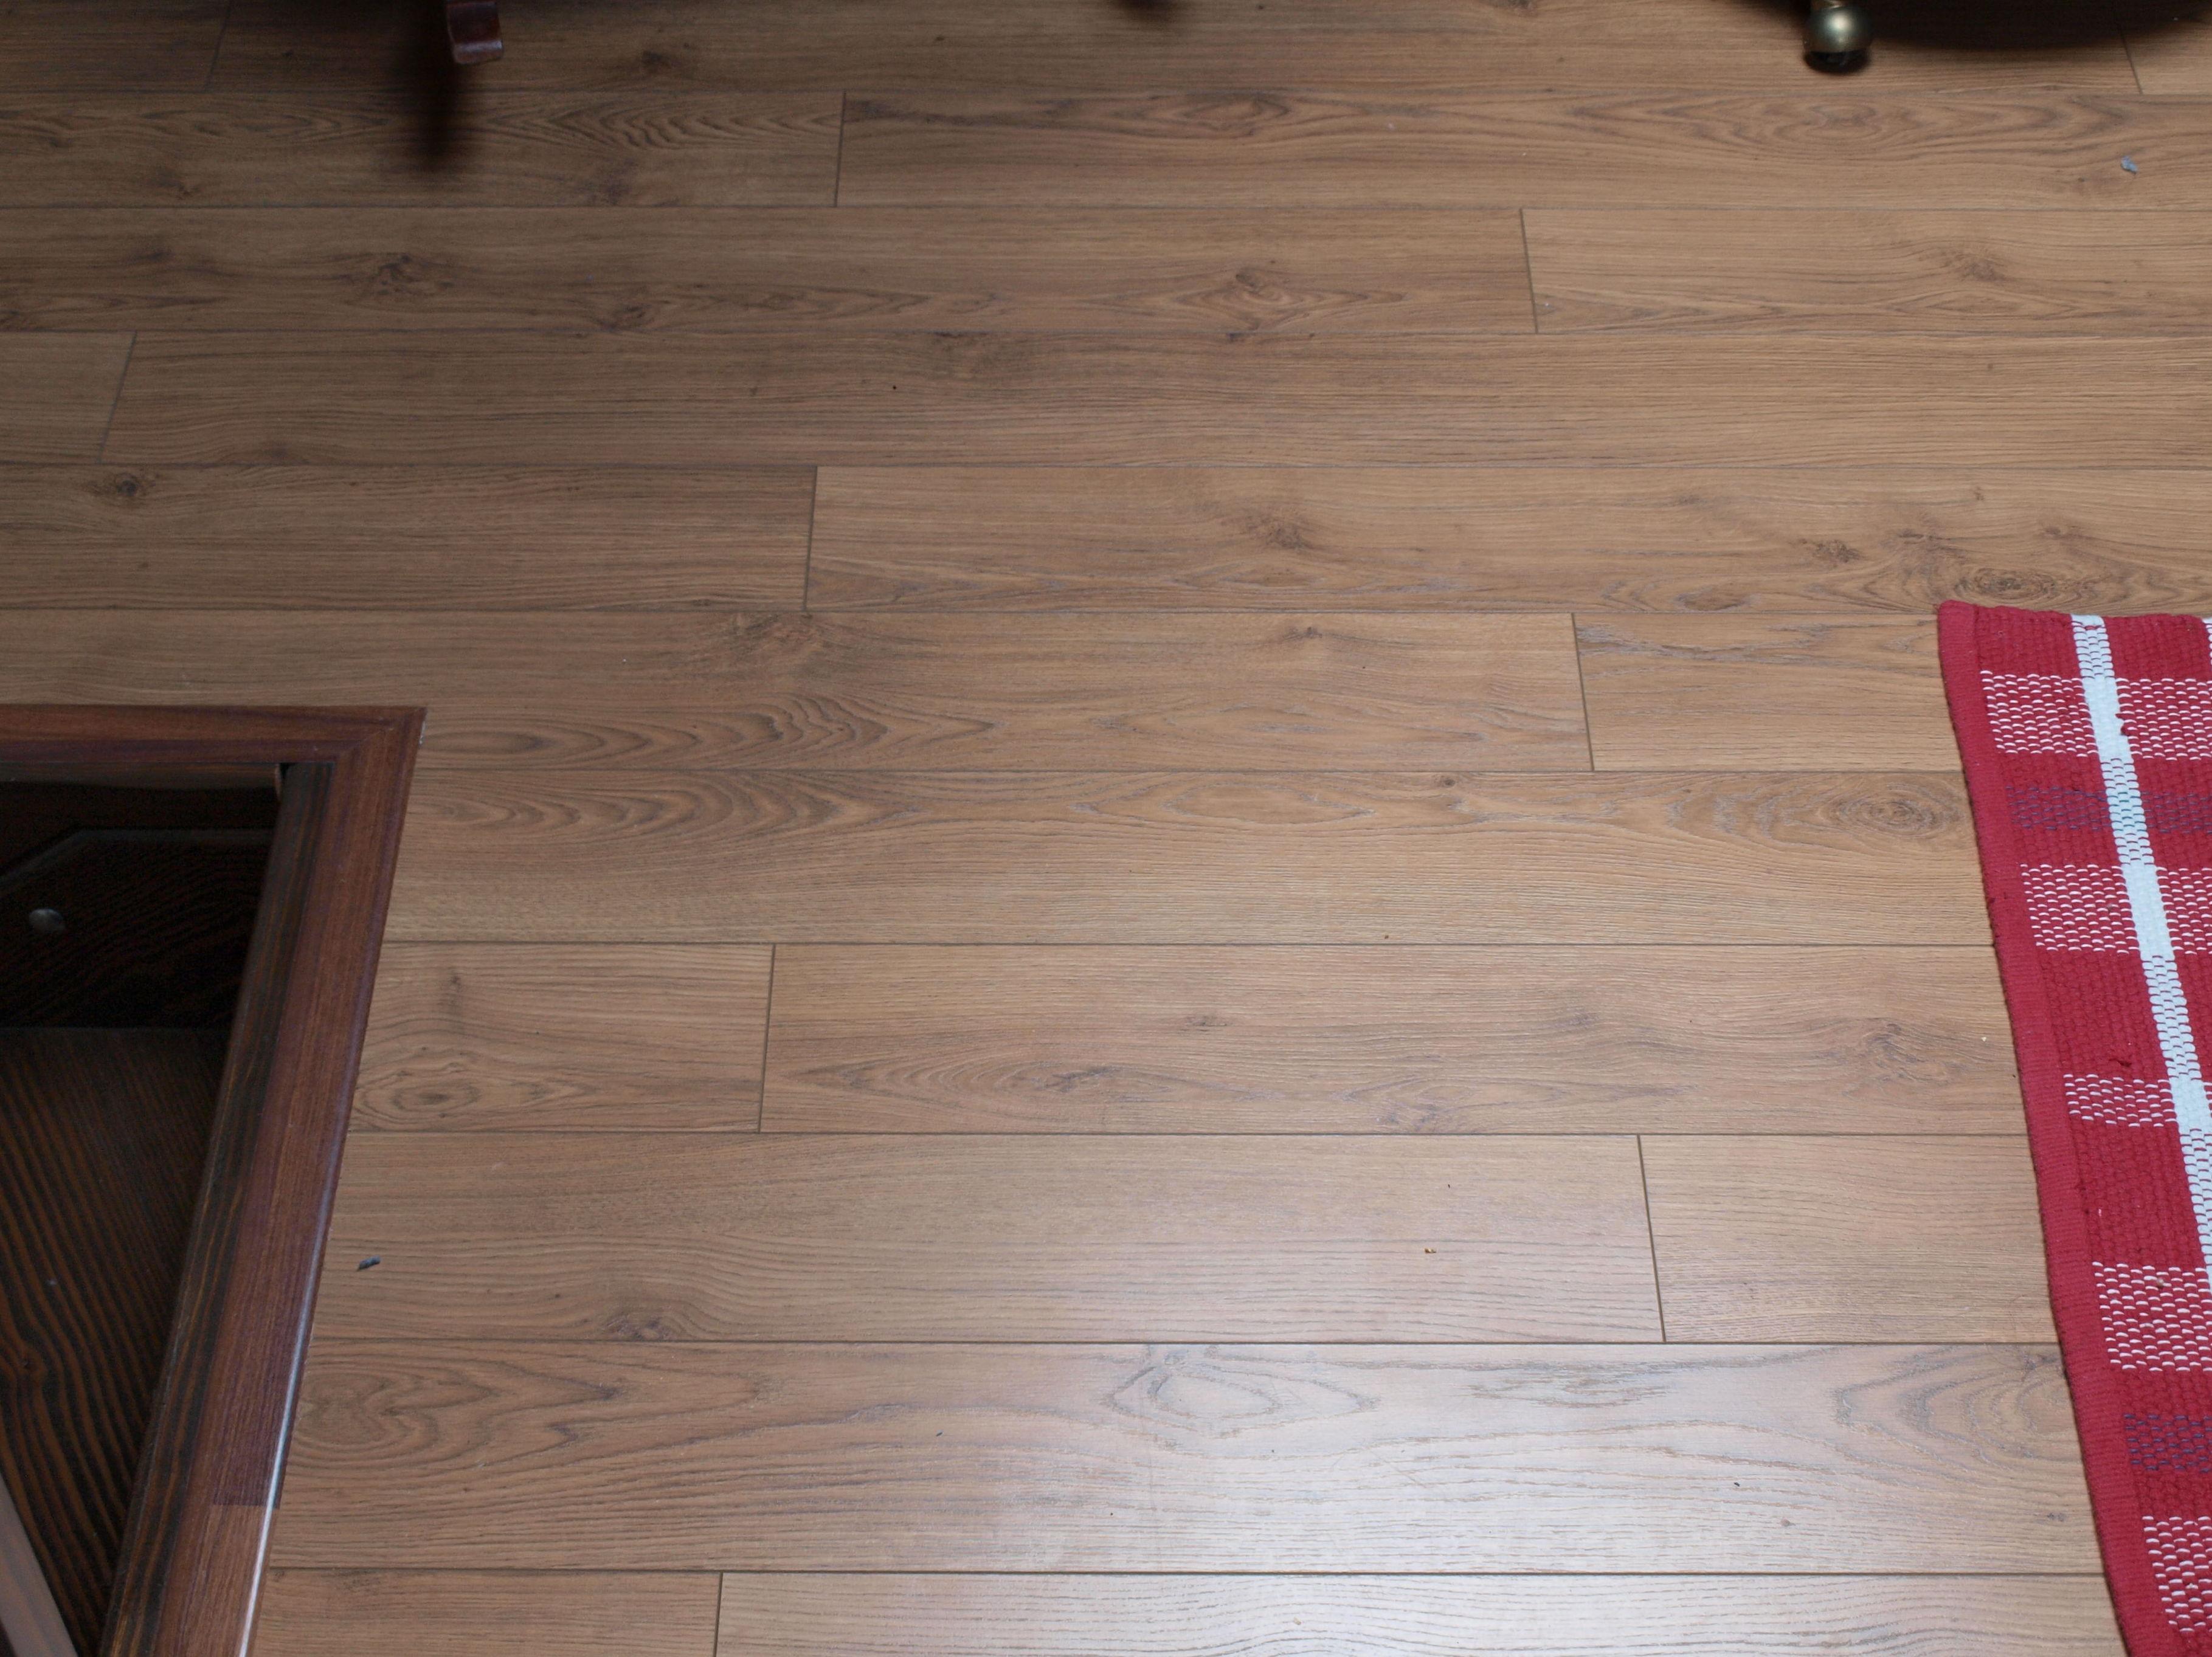 Instalacion suelo laminado cool instalar suelo laminado - Cuanto cuesta poner parquet en un piso ...